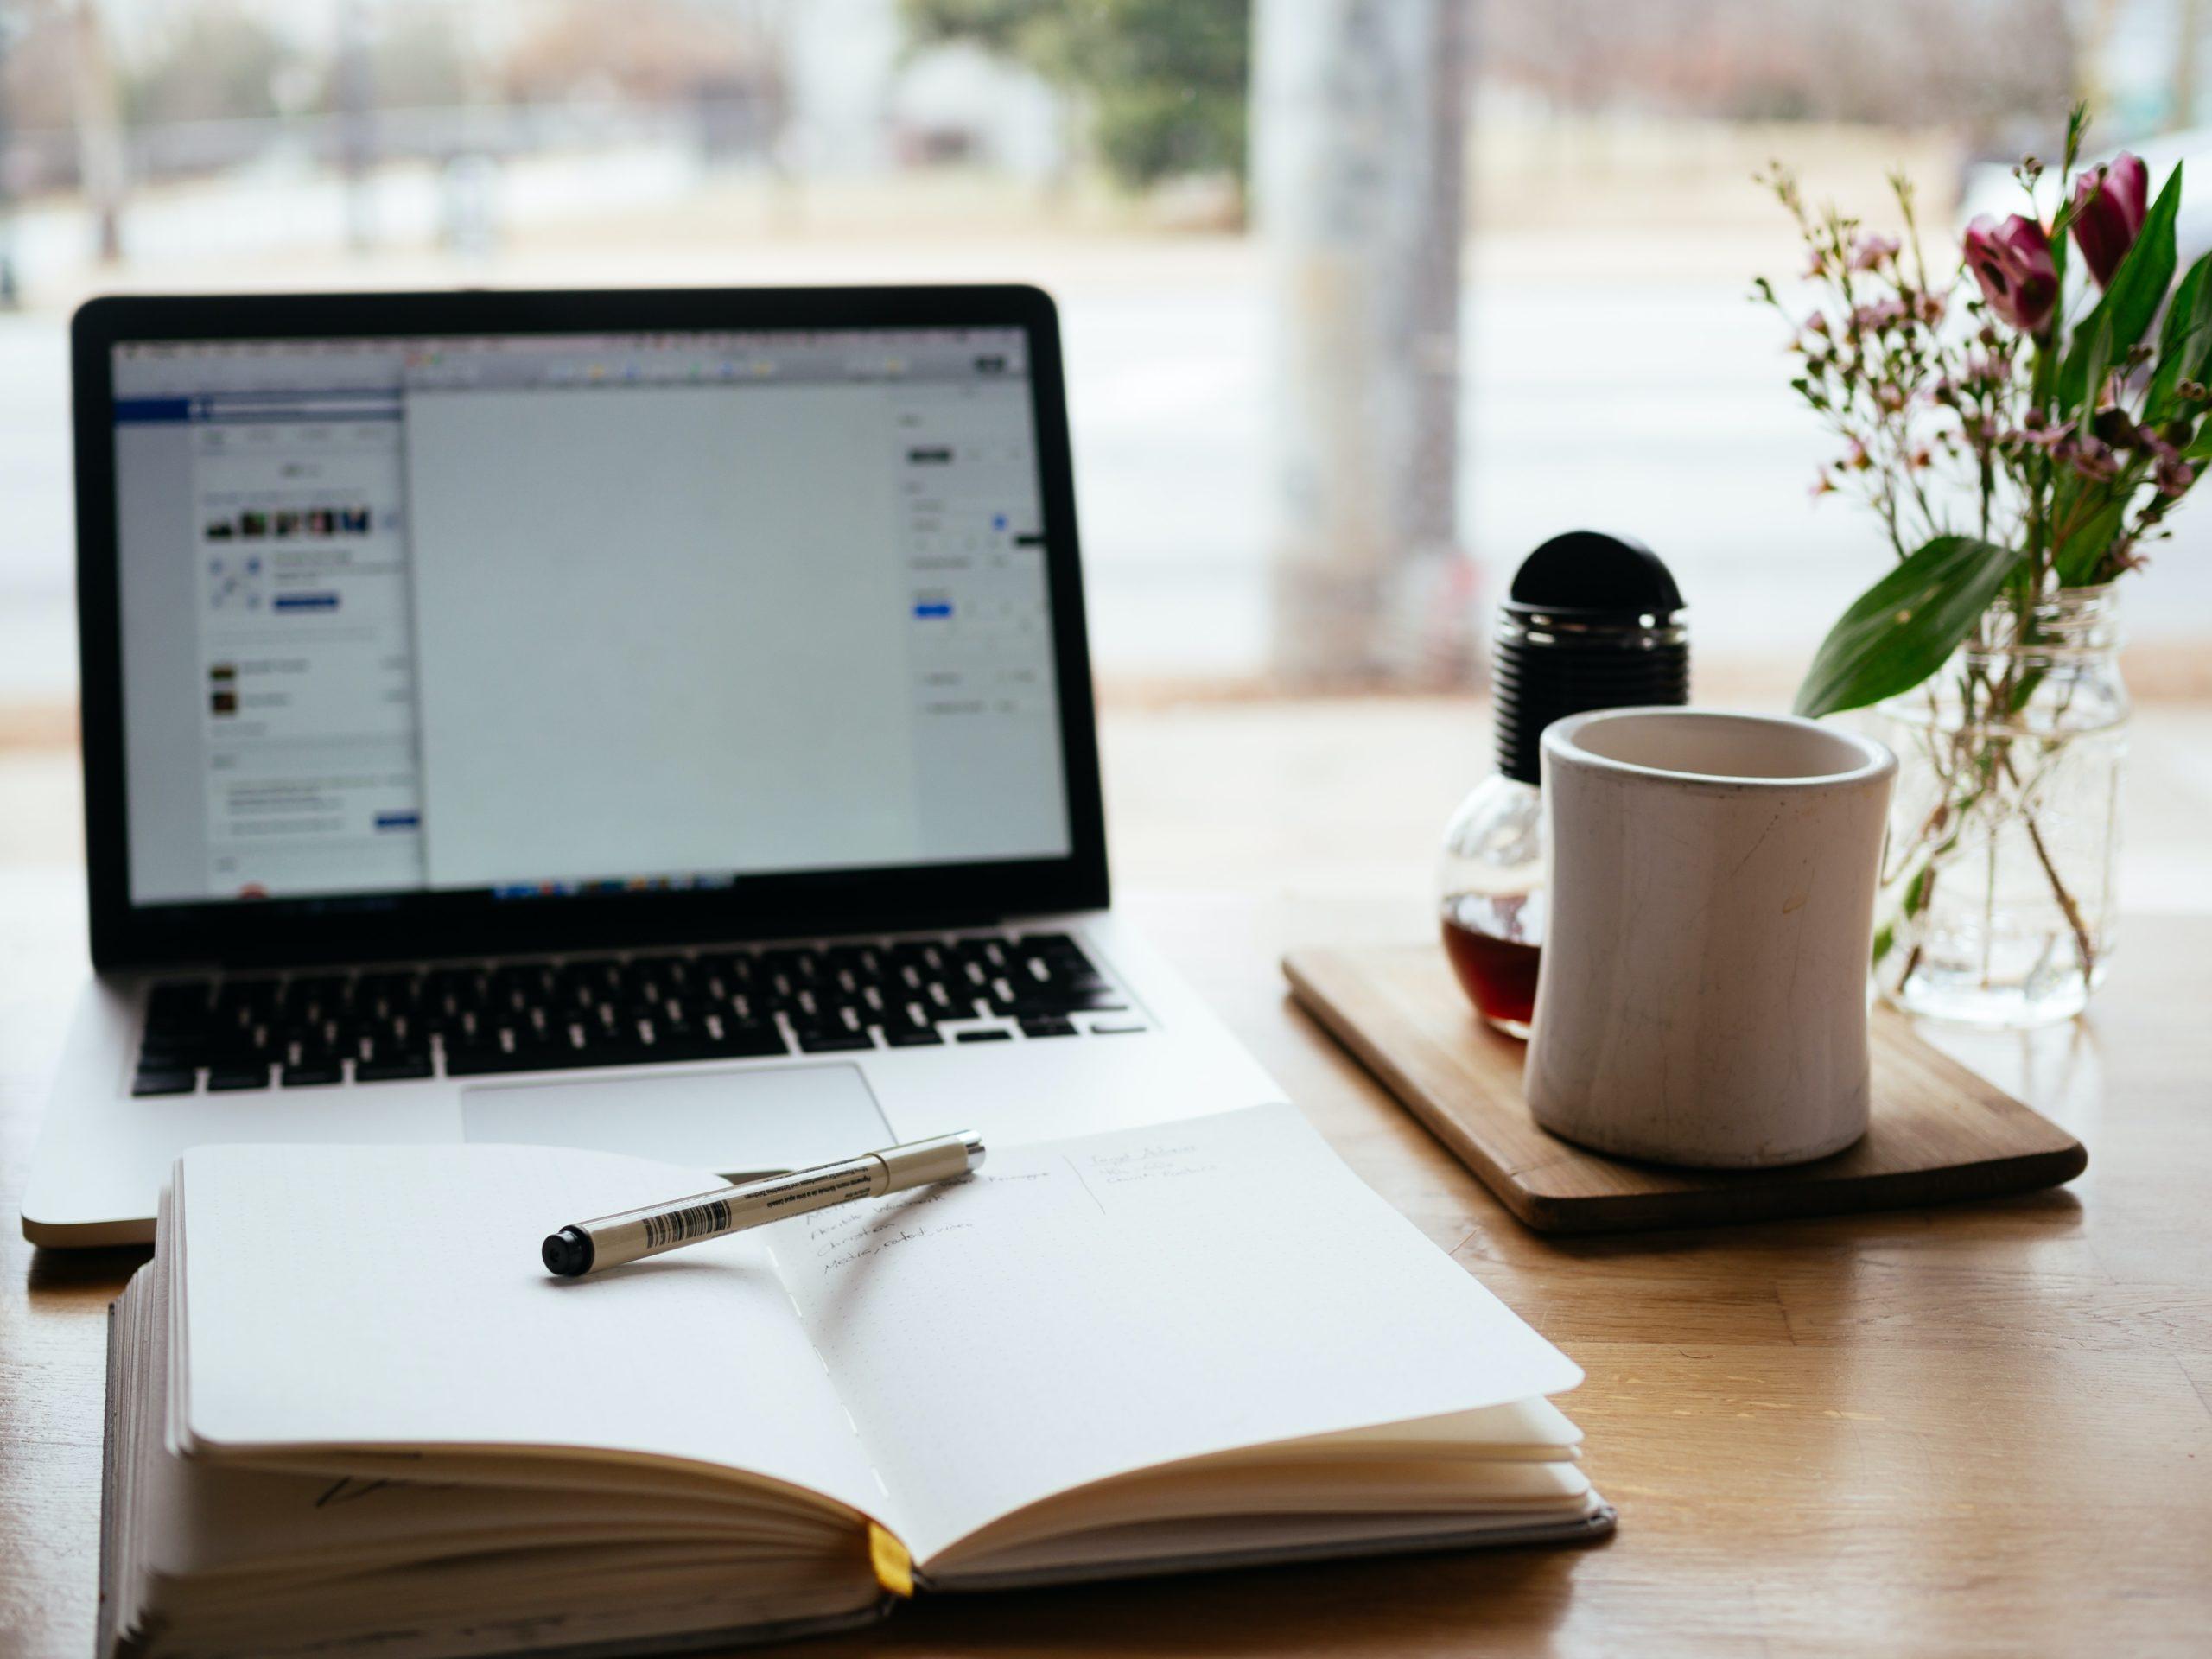 PC, notatbok, og kaffekopp er alt du trenger i hverdagen.